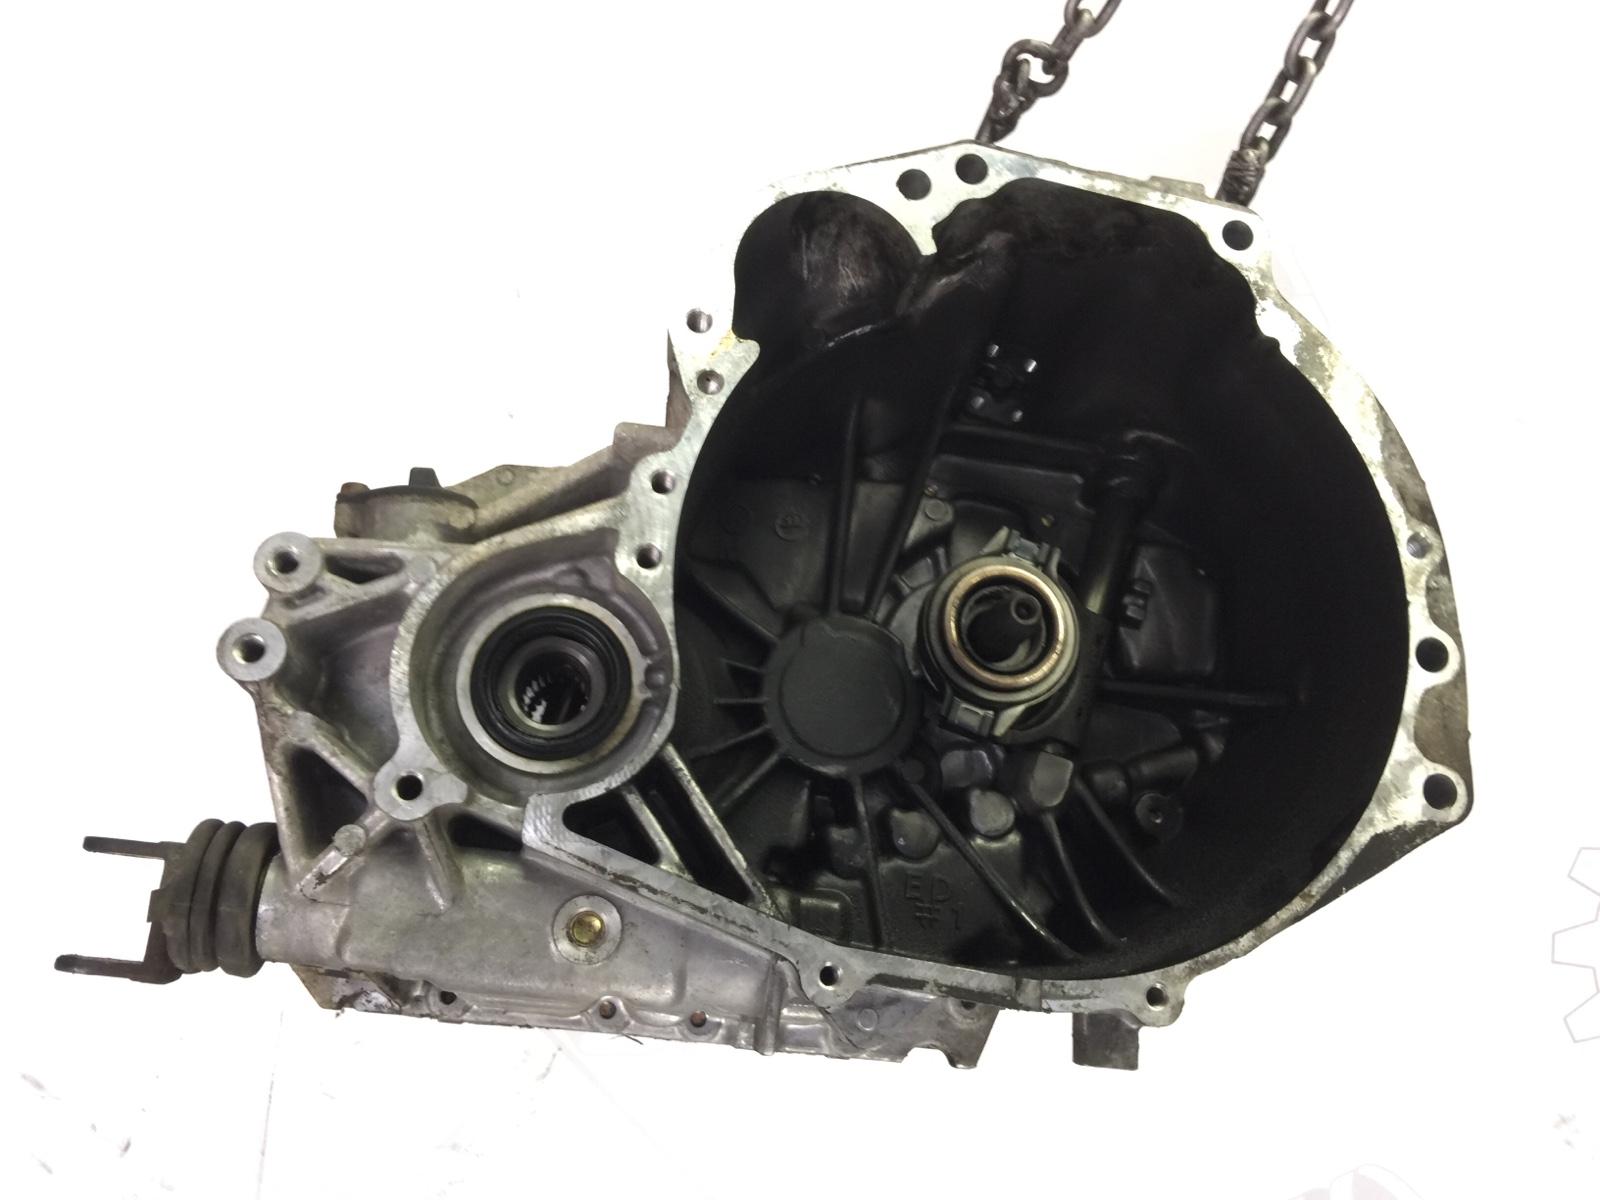 Кпп механическая (мкпп) Nissan Primera P12 1.8 I 2004 (б/у)